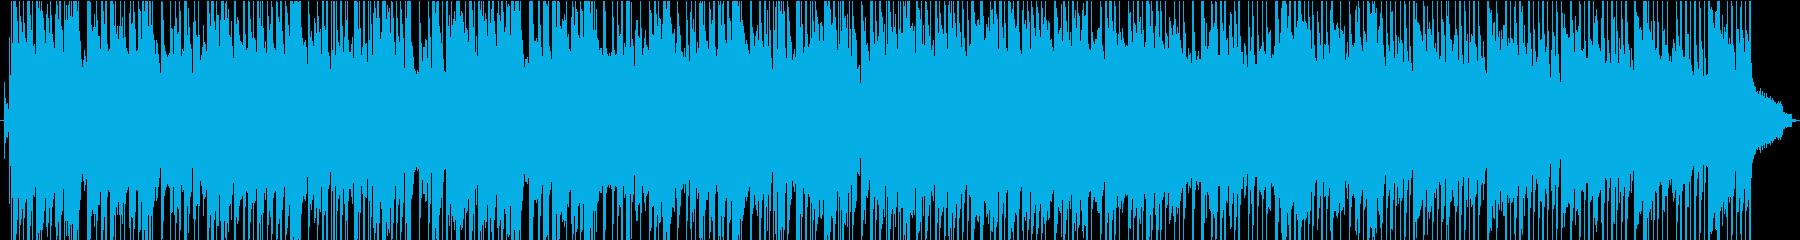 ワクワクするブリティッシュロックの再生済みの波形